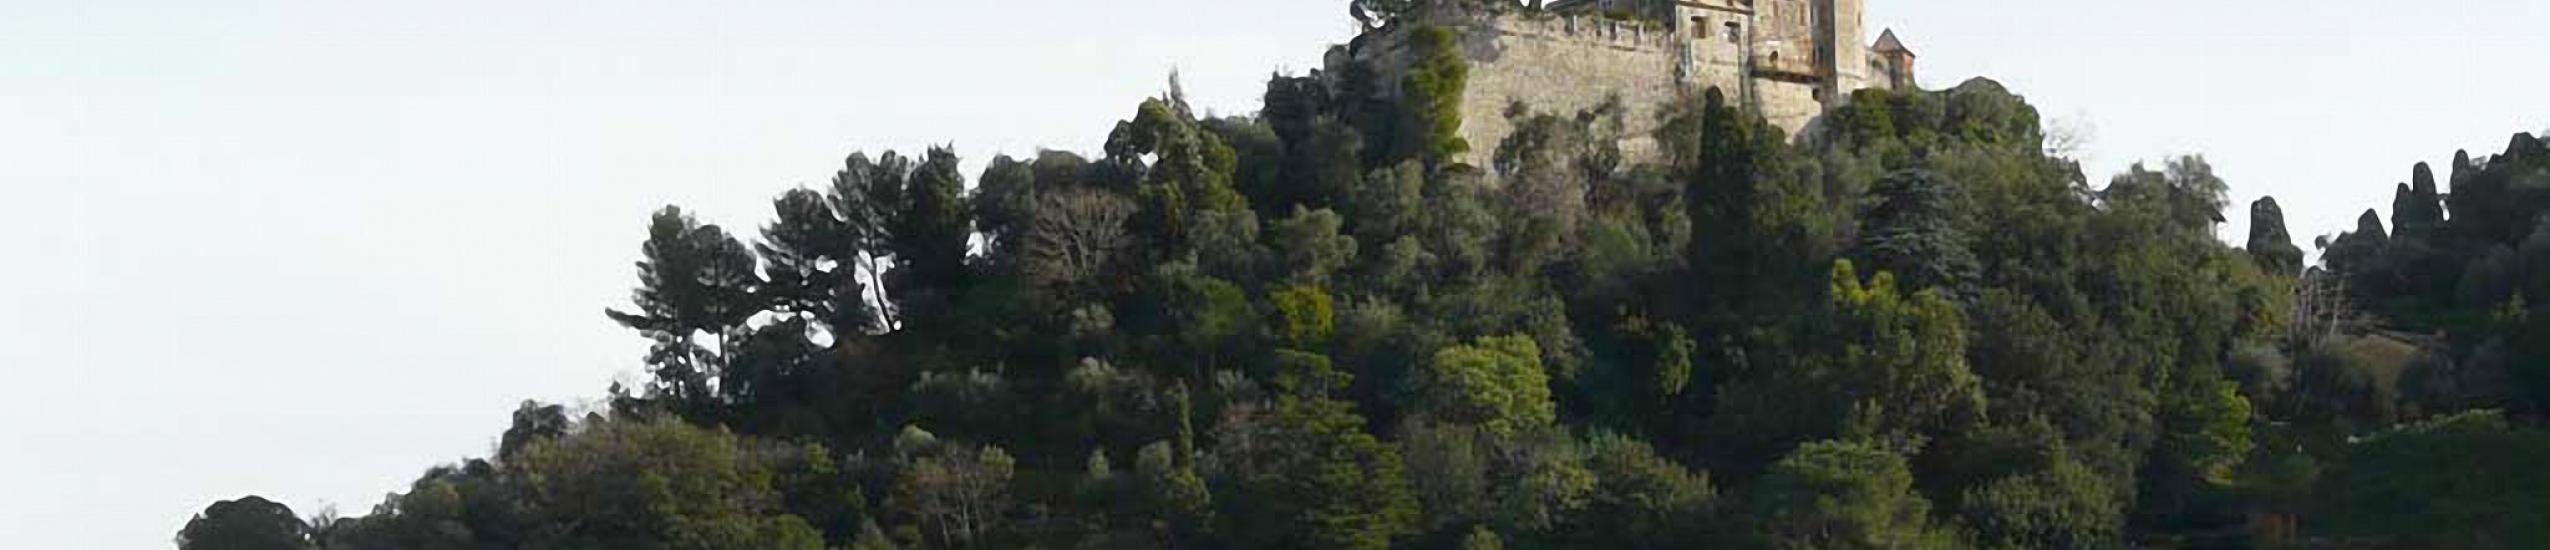 Fortezza di san giorgio o castello brown